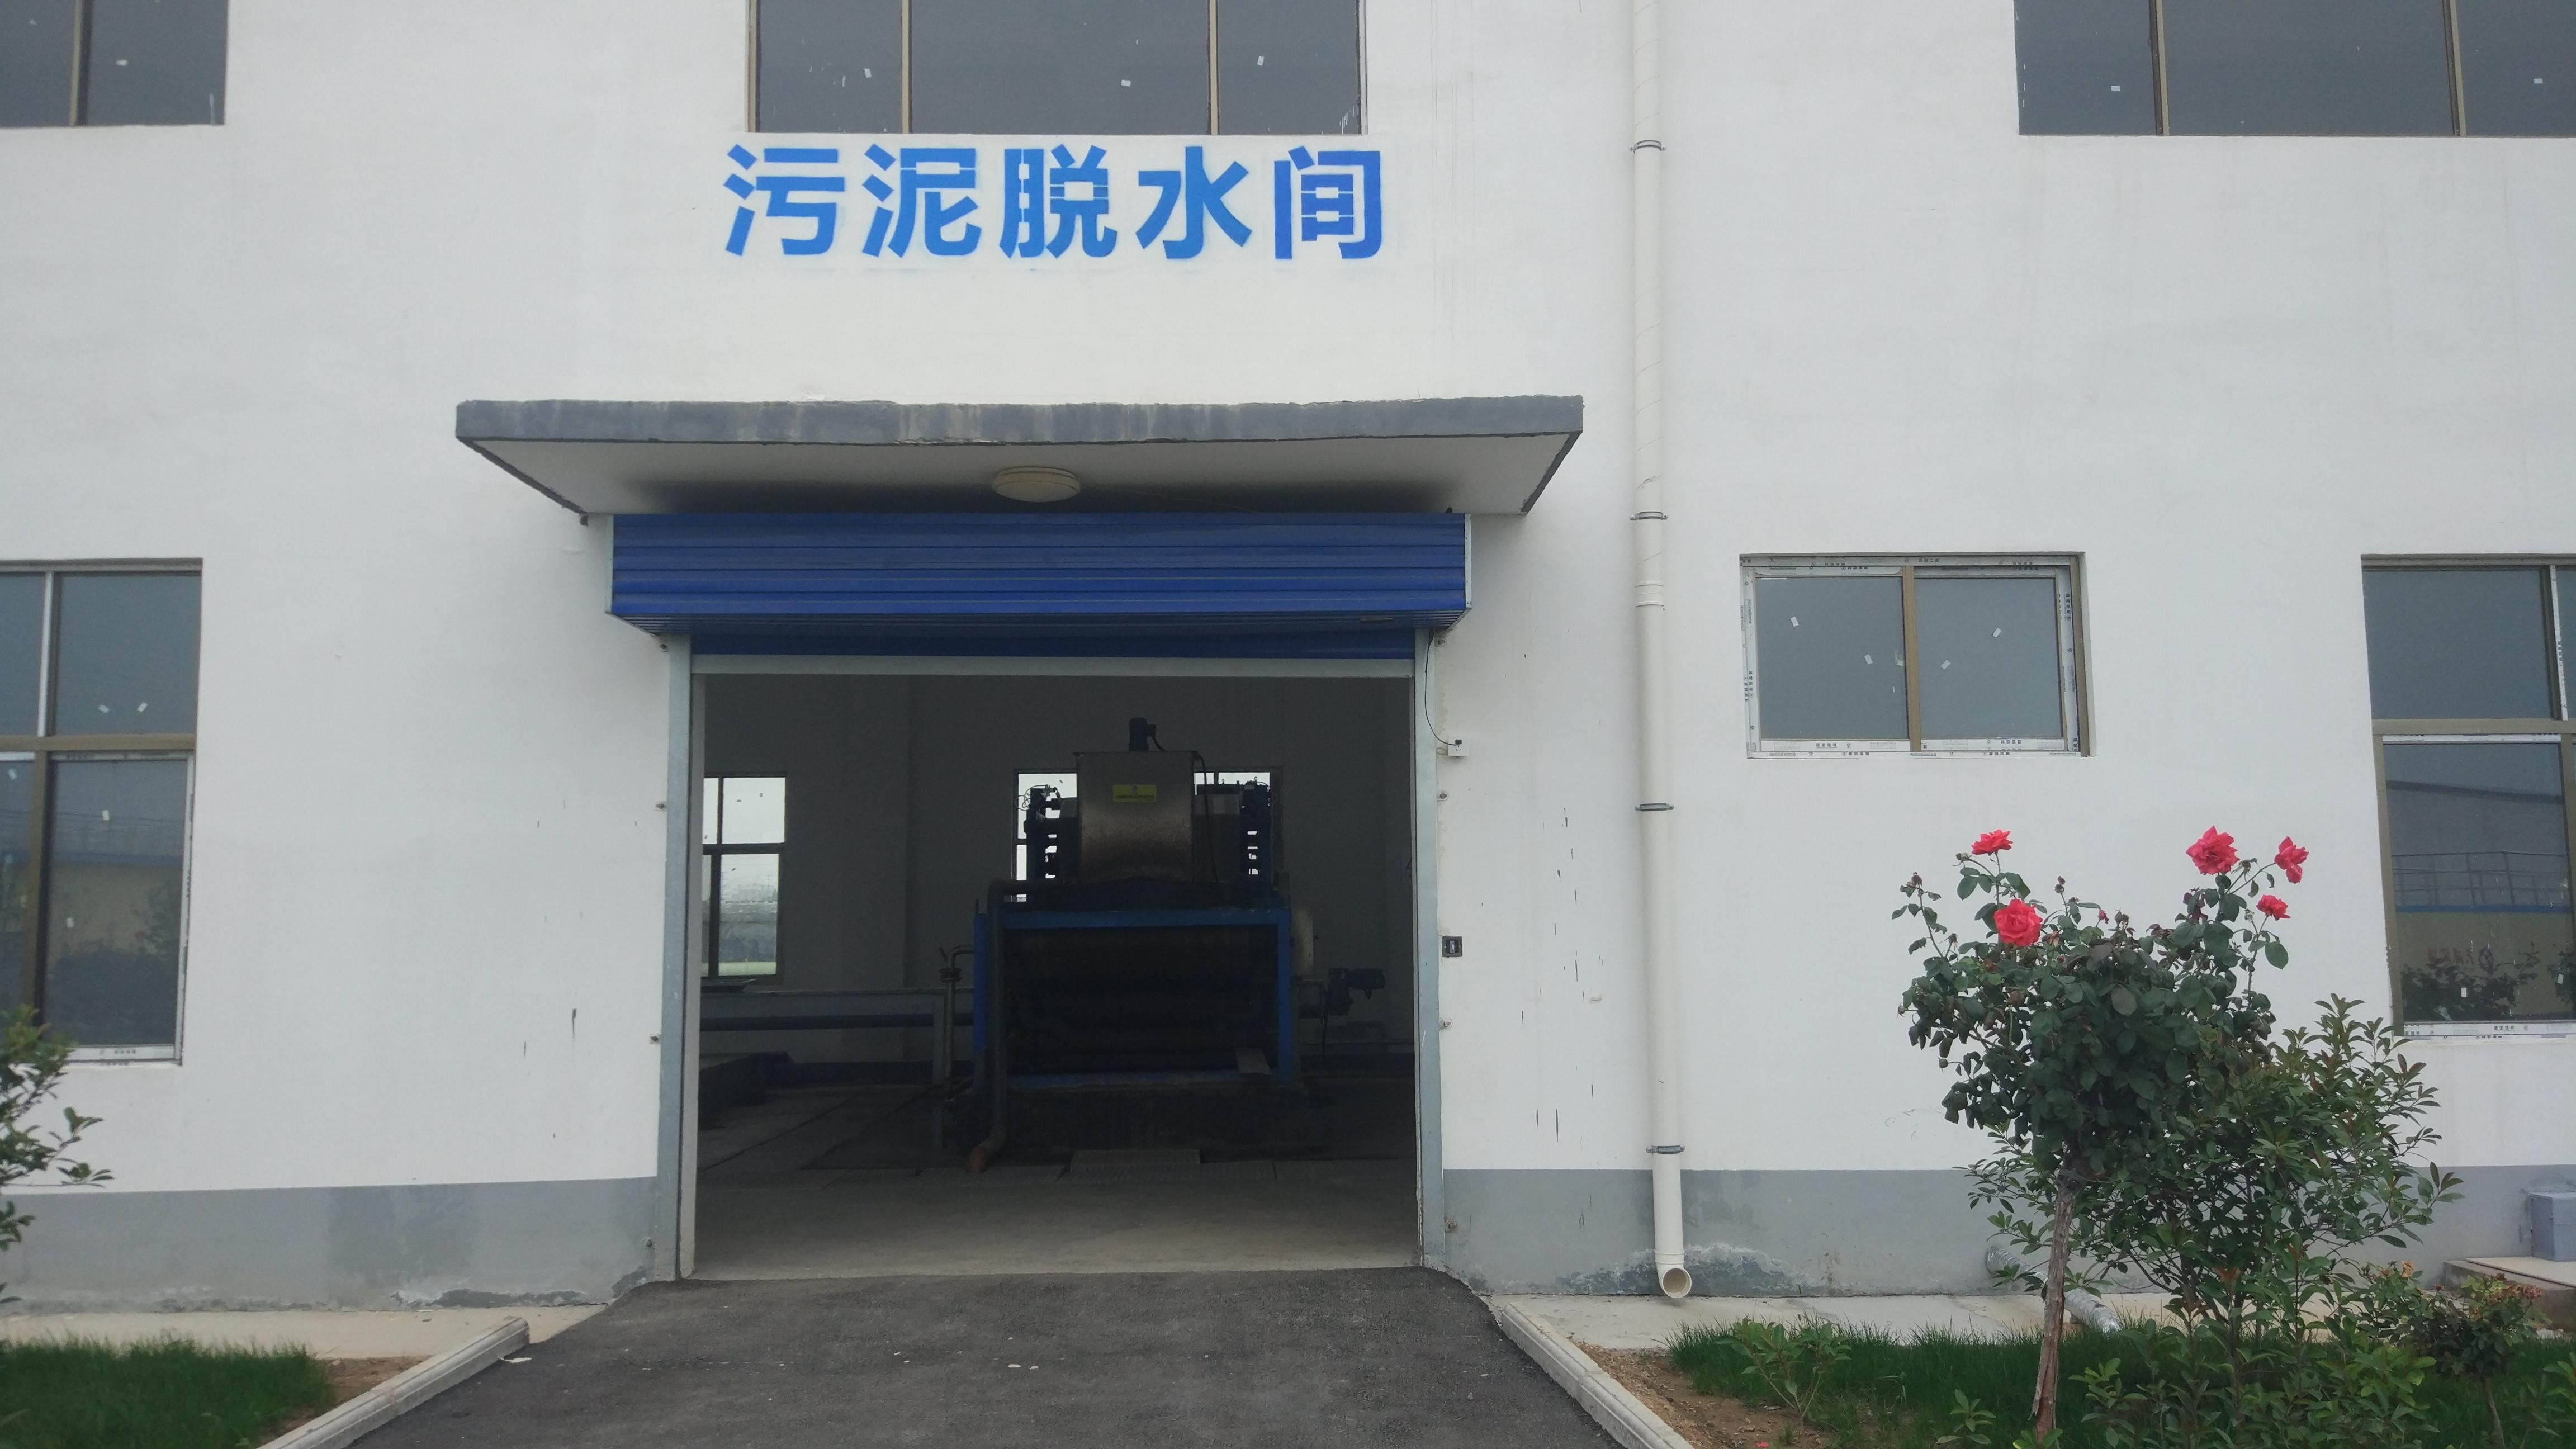 安阳污水处理厂(阳离子聚丙烯酰胺)